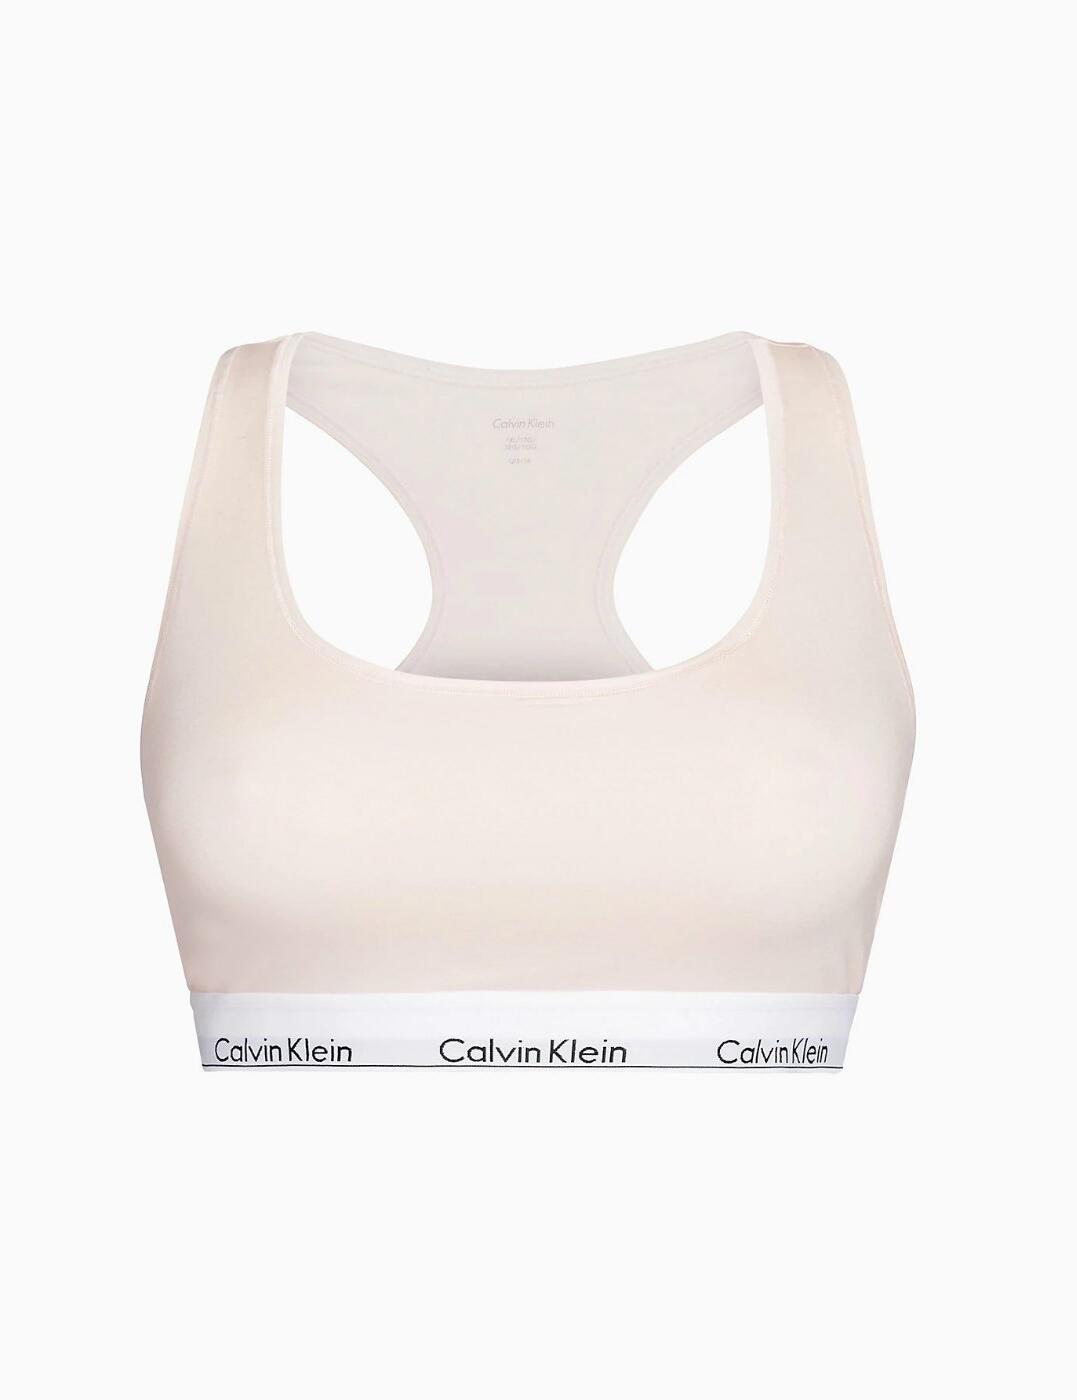 thumbnail 4 - Calvin Klein Modern Cotton Plus Bralette Bra Bra Top QF5116E New Womens Bras